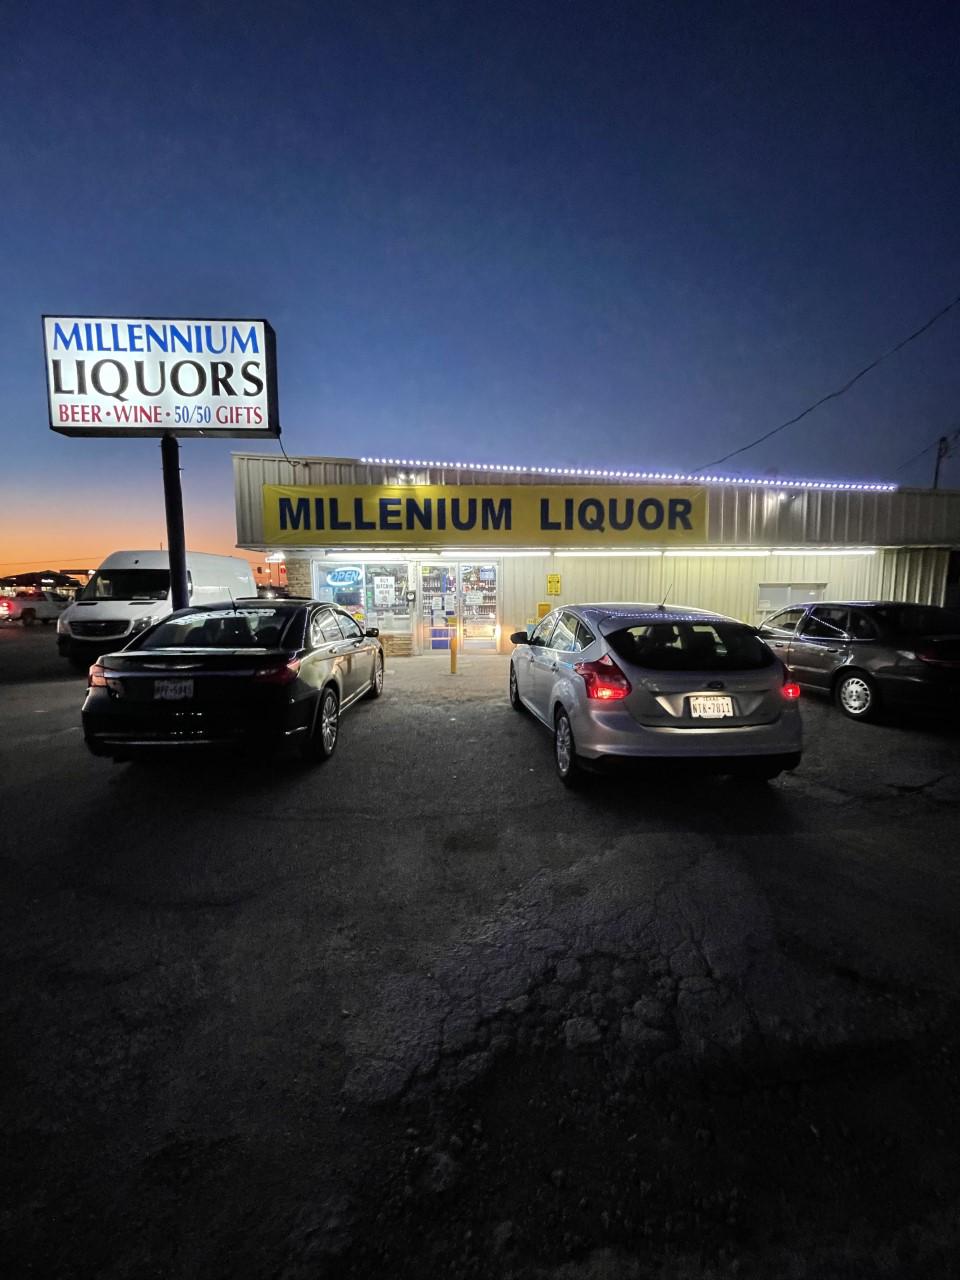 Millennium Liquor